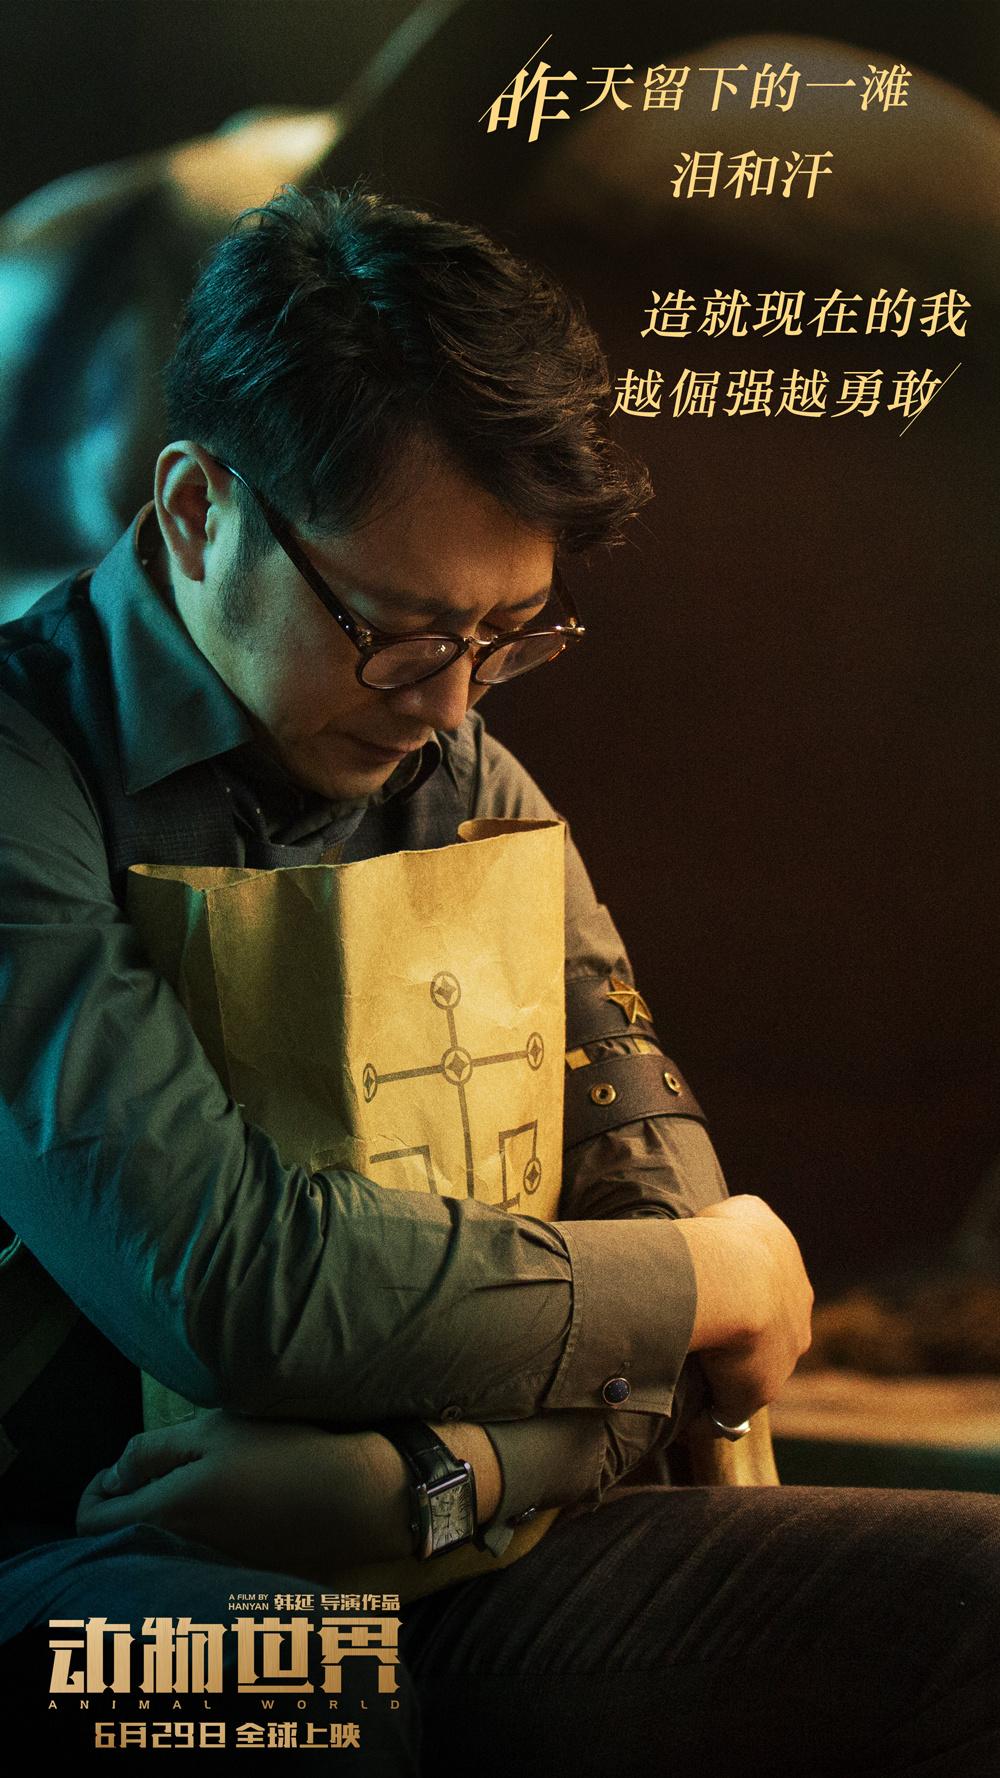 李易峰 新闻列表 > 新闻详情   电影《动物世界》由上海儒意影视制作